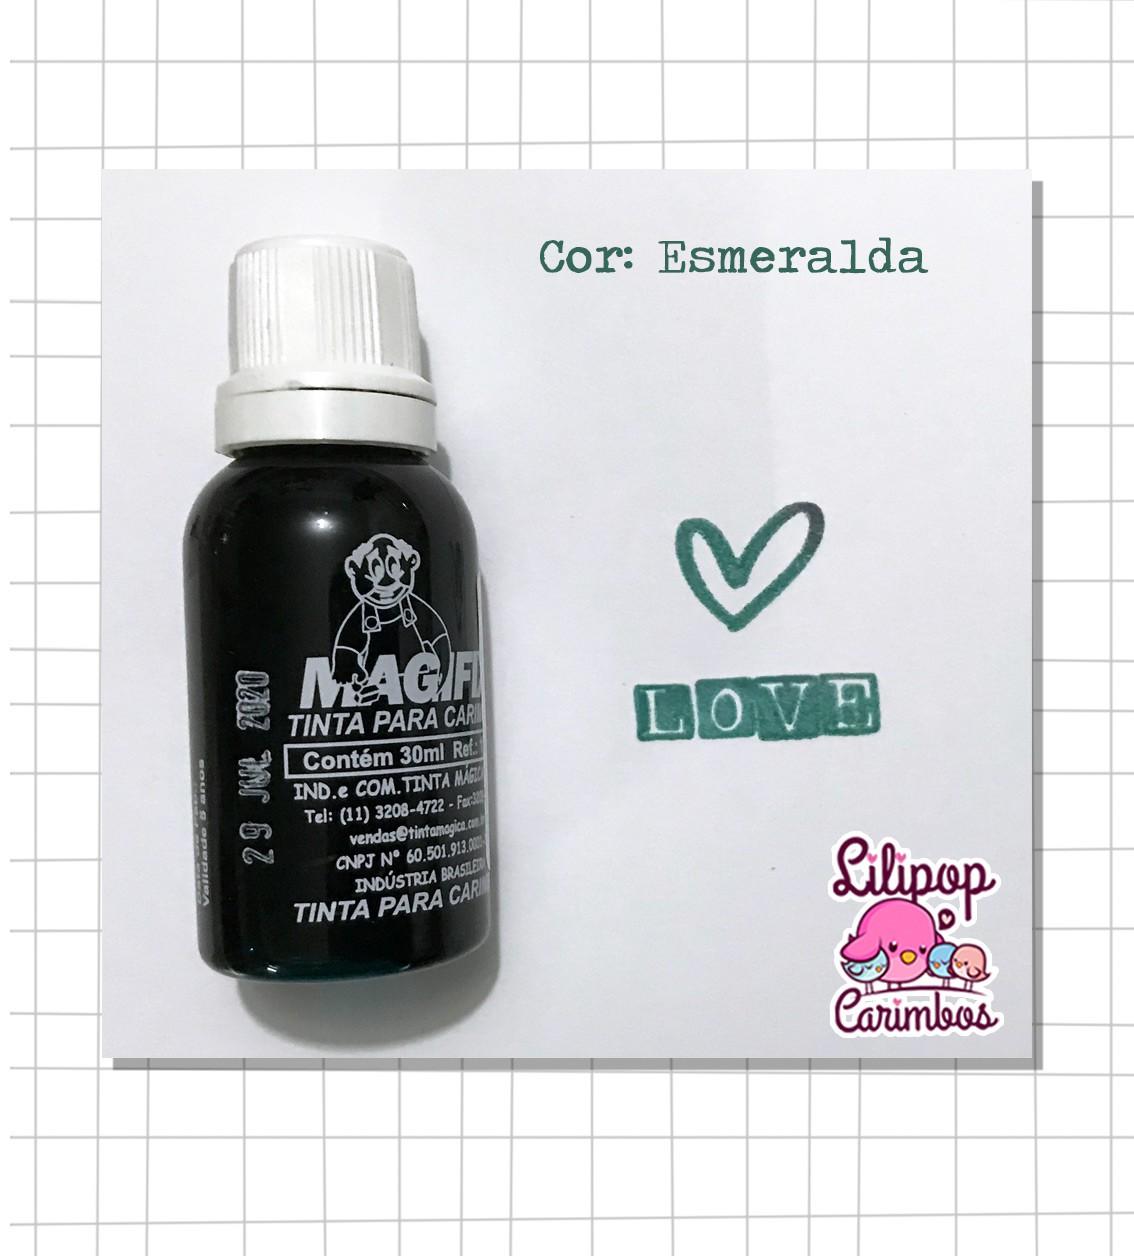 Tinta para carimbo a base de água - Esmeralda